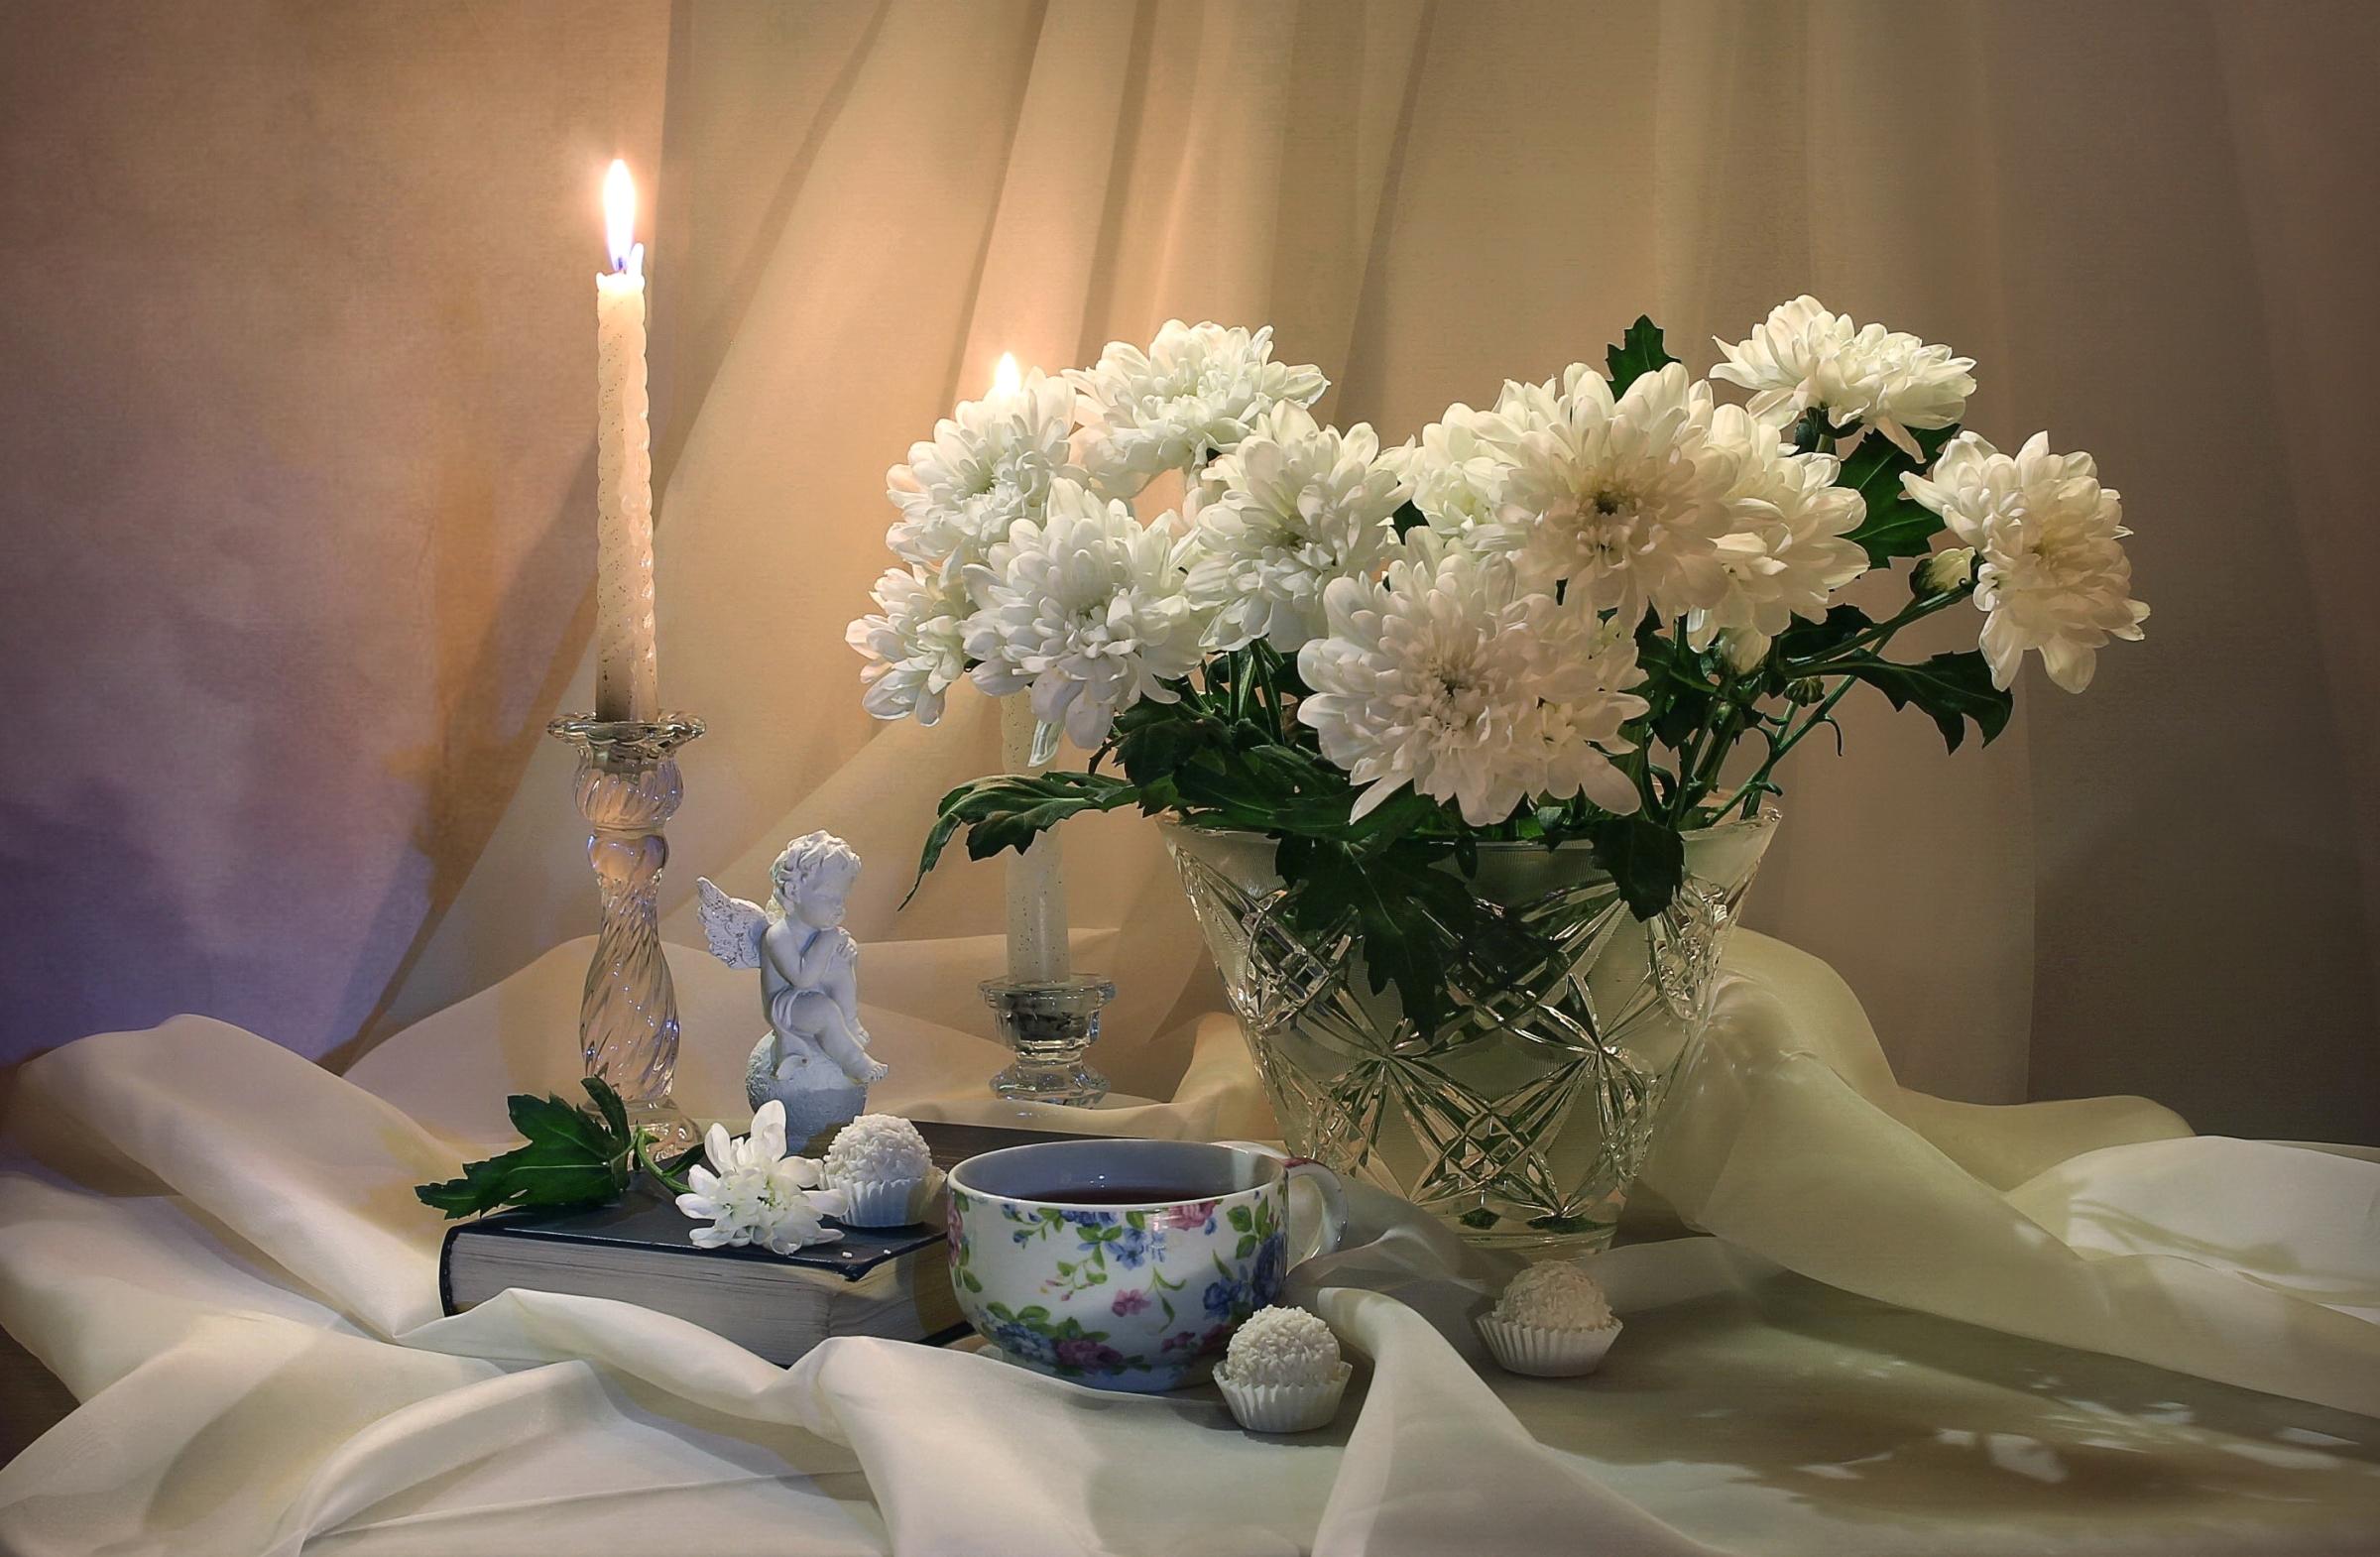 часто картинки хризантемы в вазе вас что-то